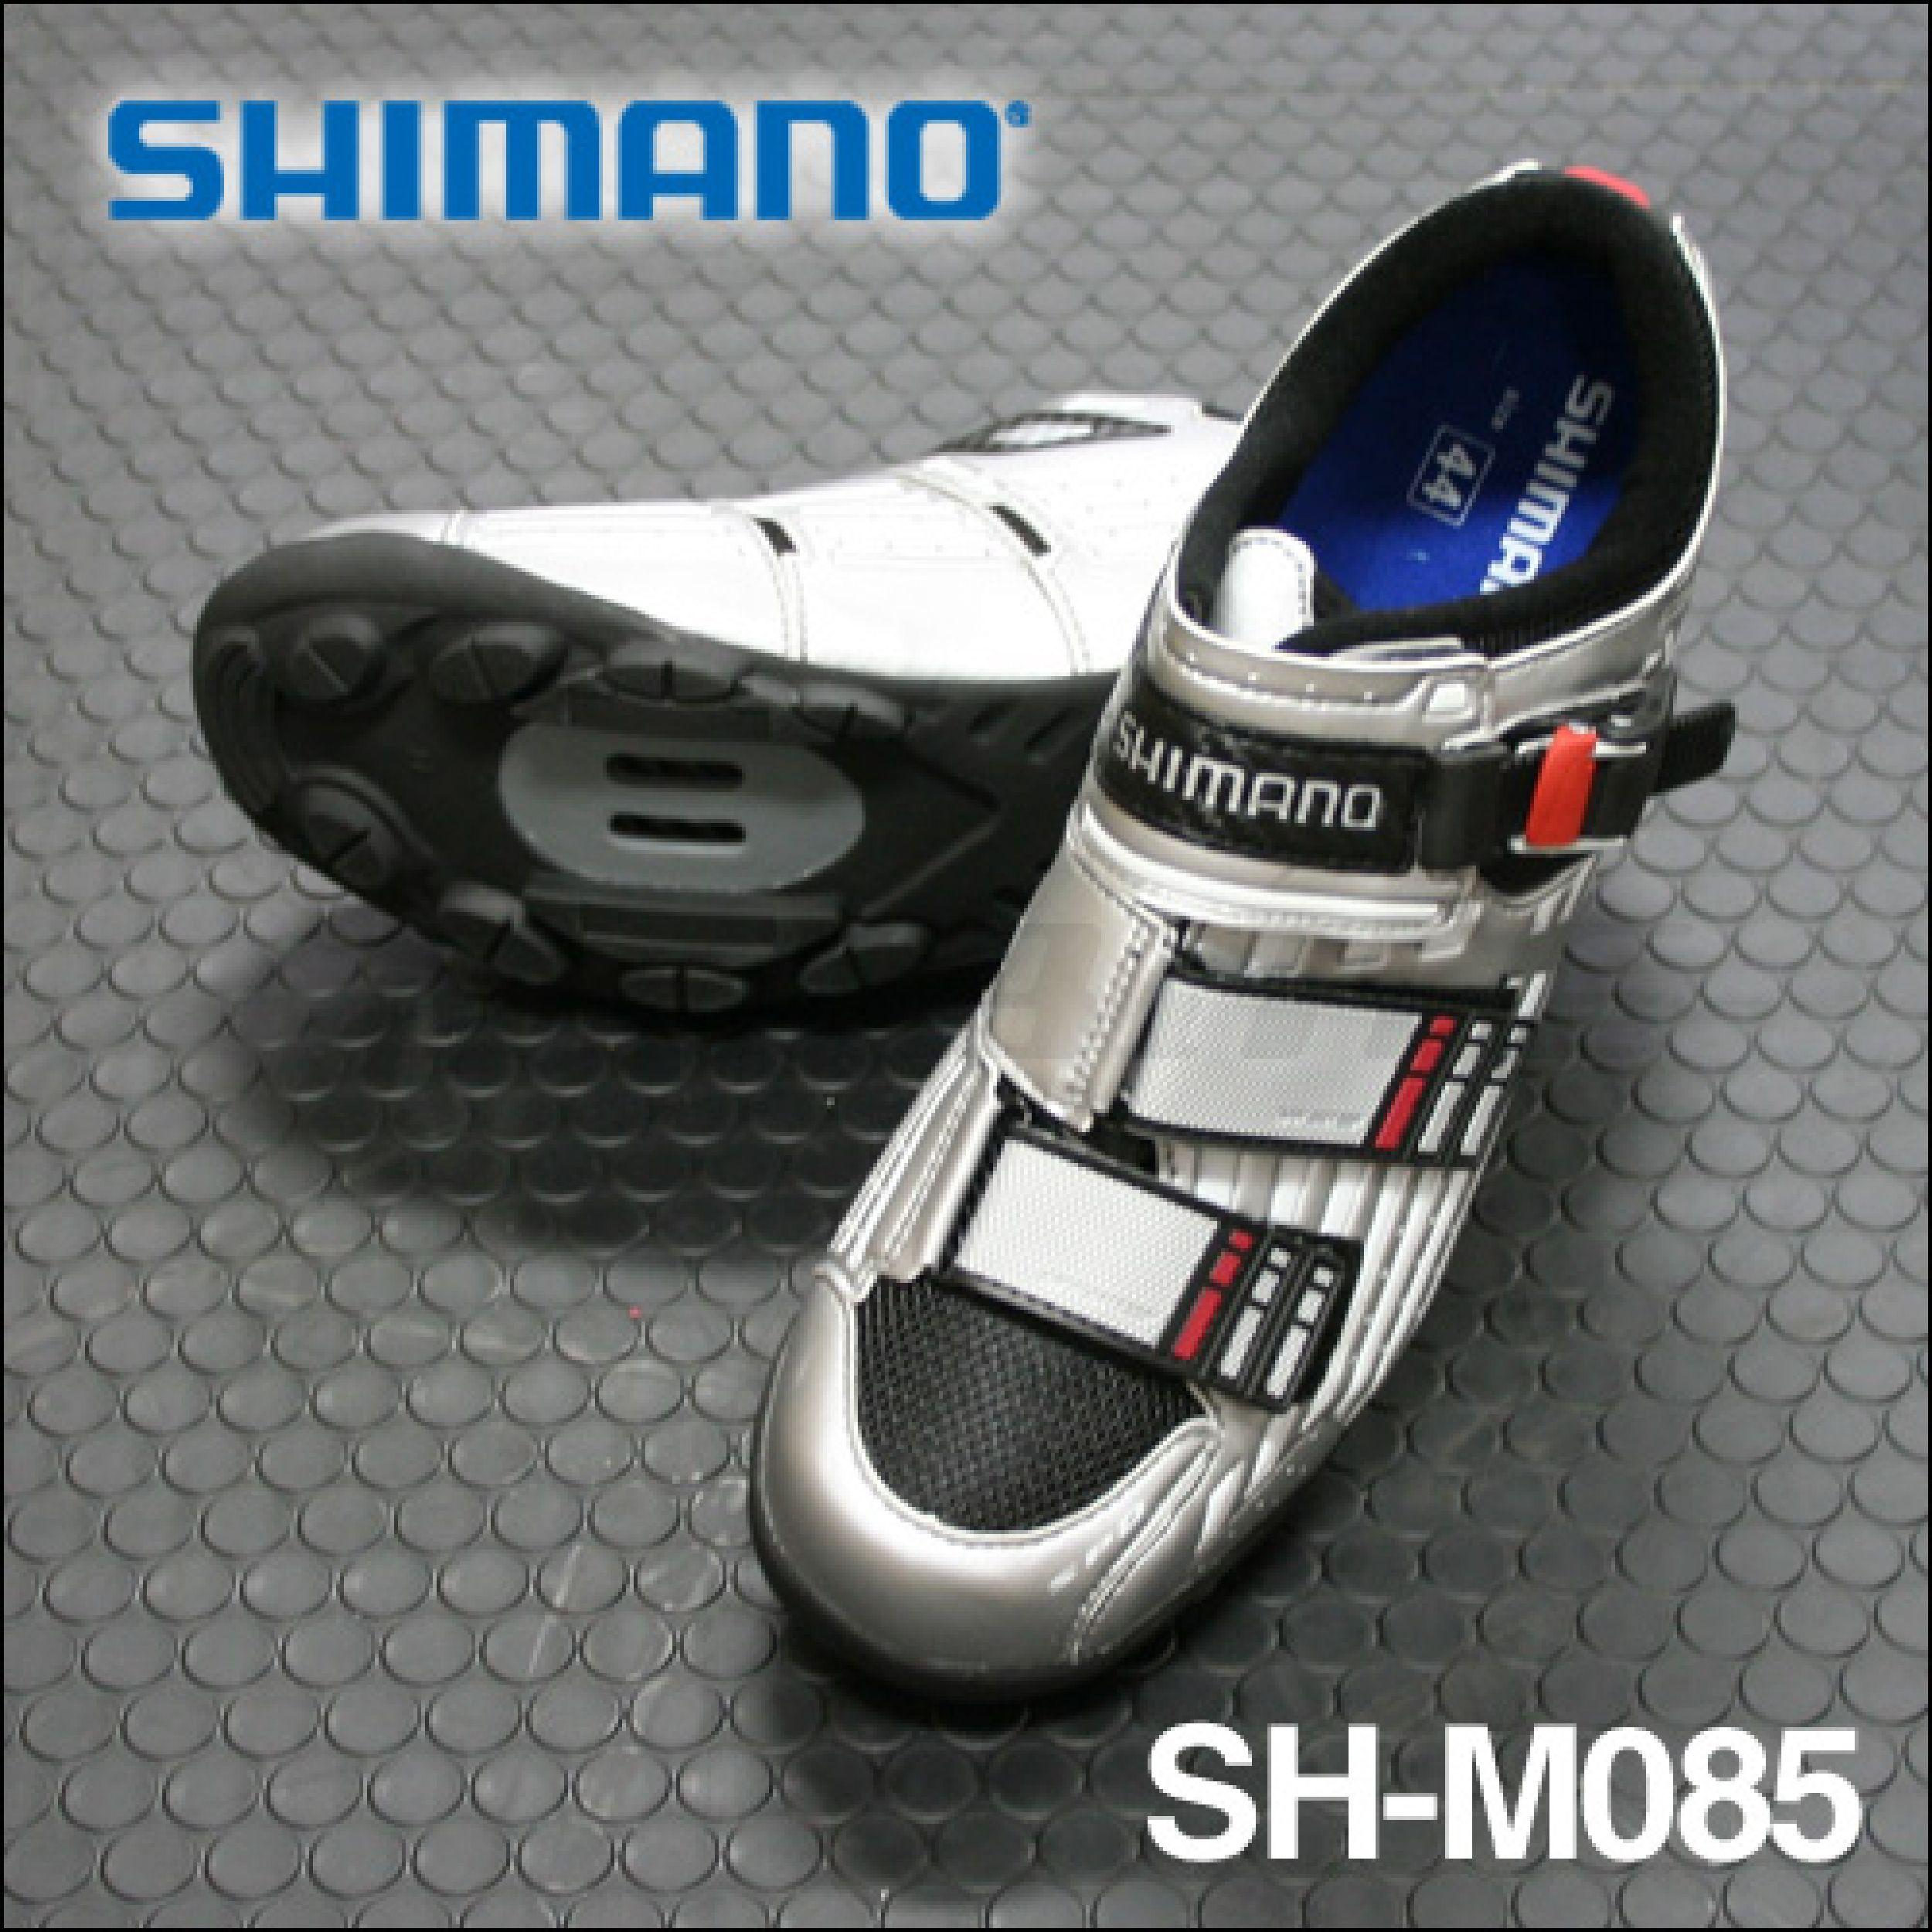 sh-m085-0.jpg